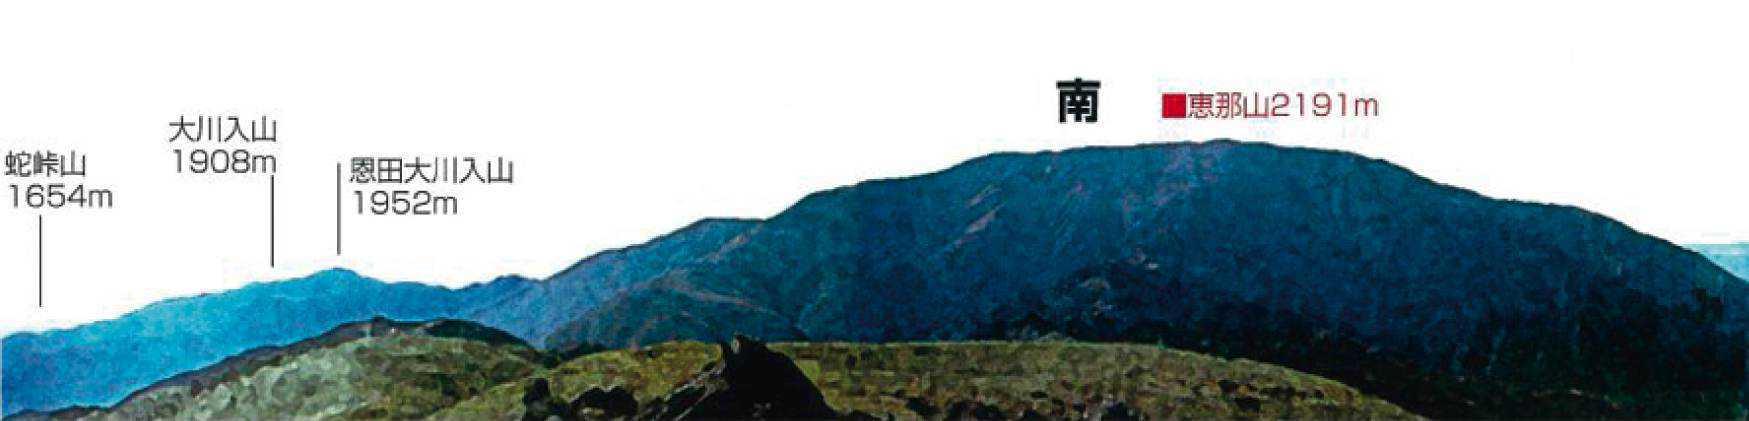 富士見台高原の山頂からの景色